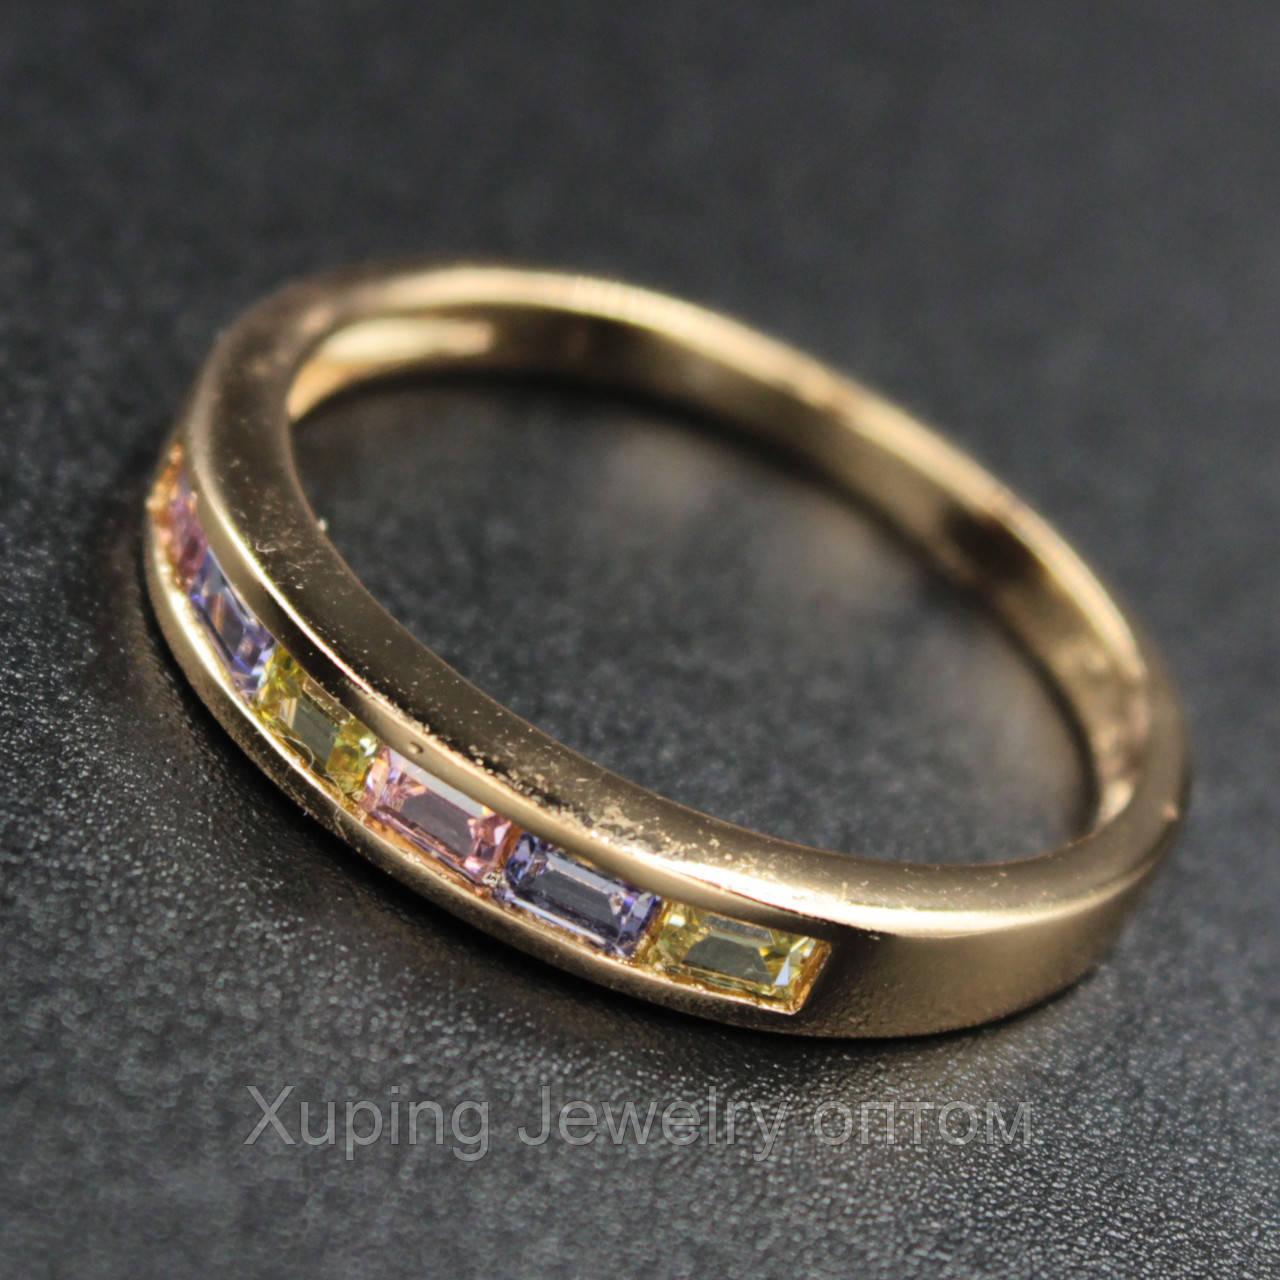 Кольцо женское Xuping Jewerly 18k R013